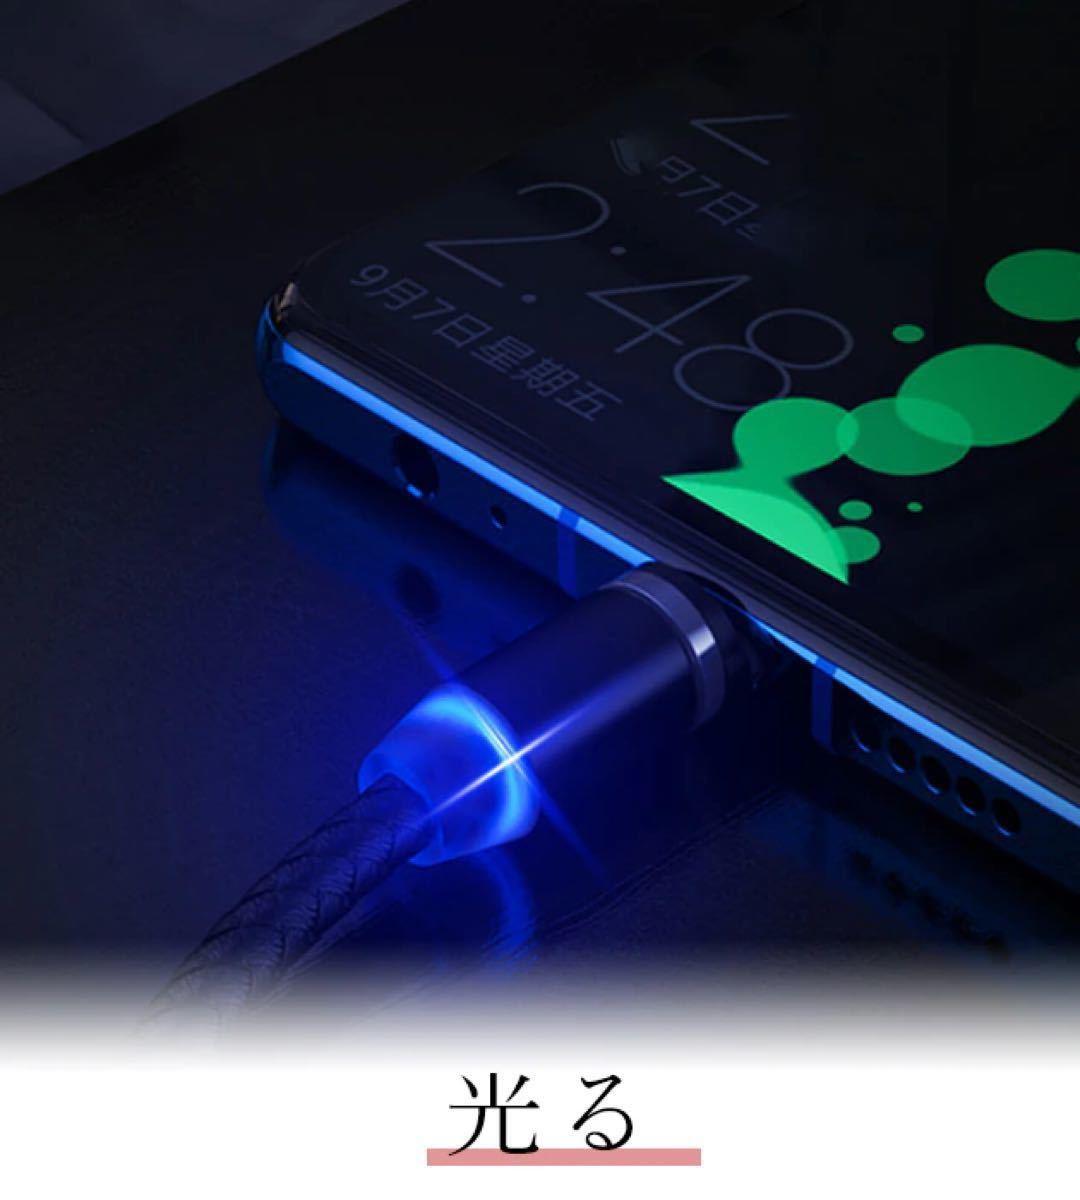 マグネット 変換プラグ 防塵 アダプター充電ケーブル 1M iPhone Android TYPE-C 急速充電 断線防止 磁石